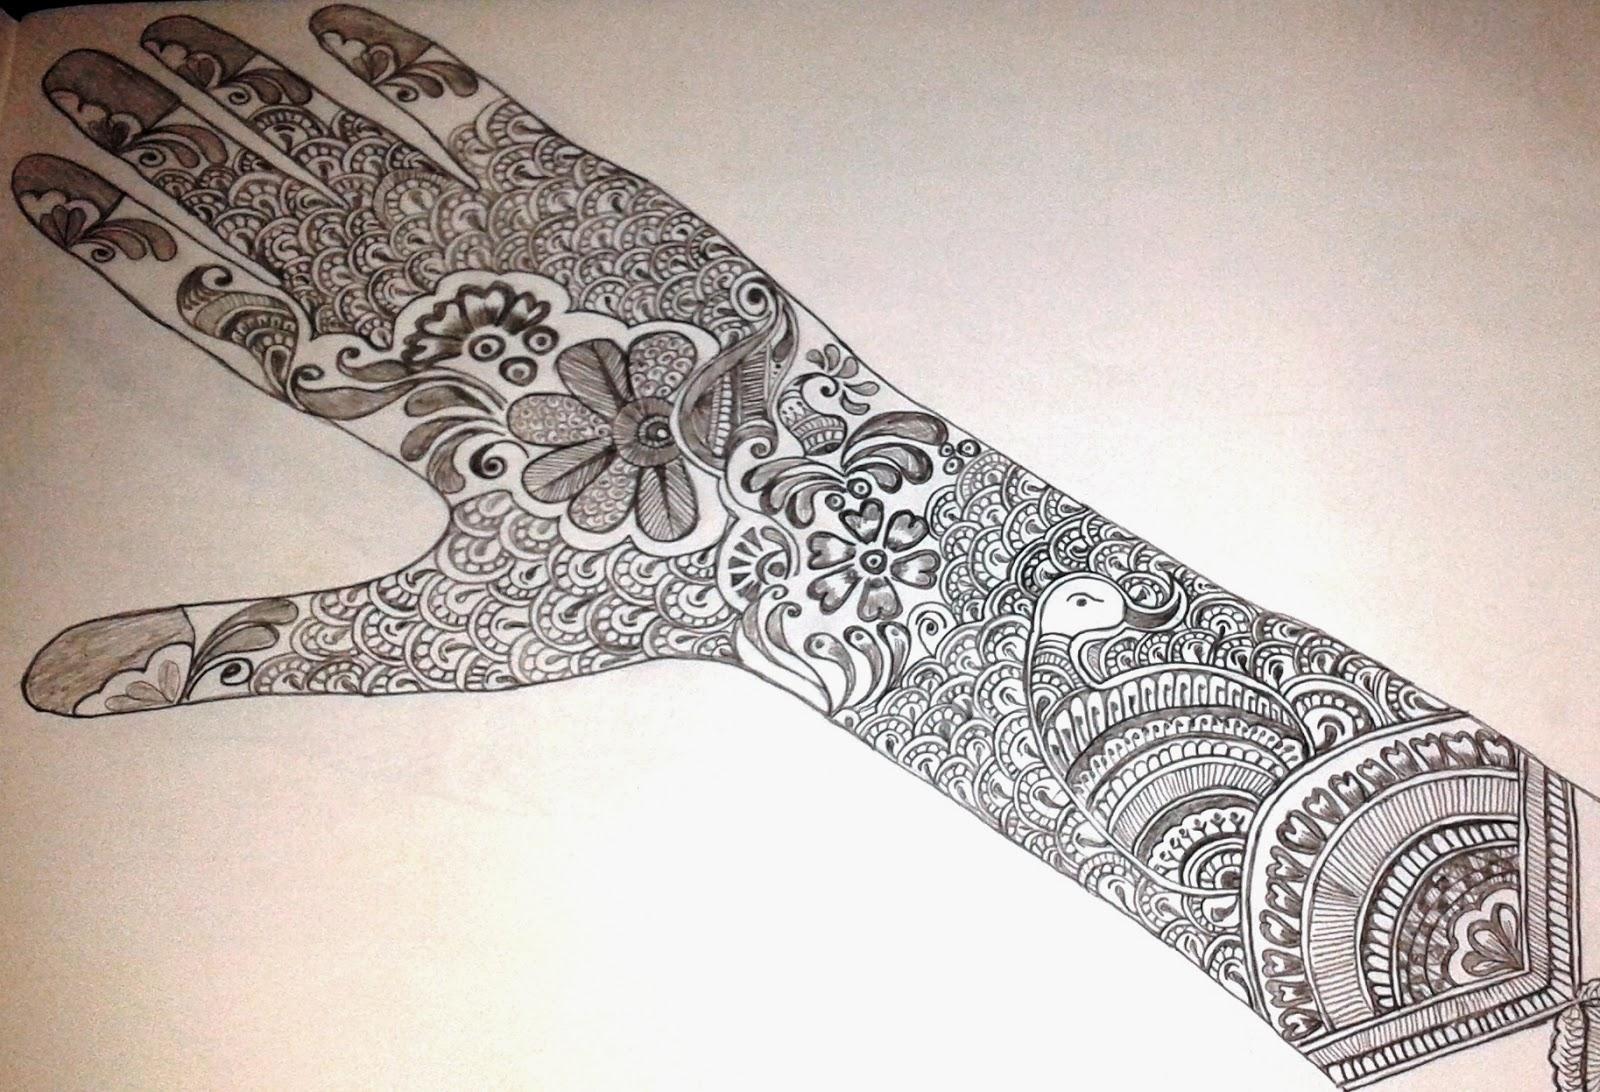 Dulhan Mehndi Designs For Full Hands 2014 : Reet mehandi full hand flower dulhan